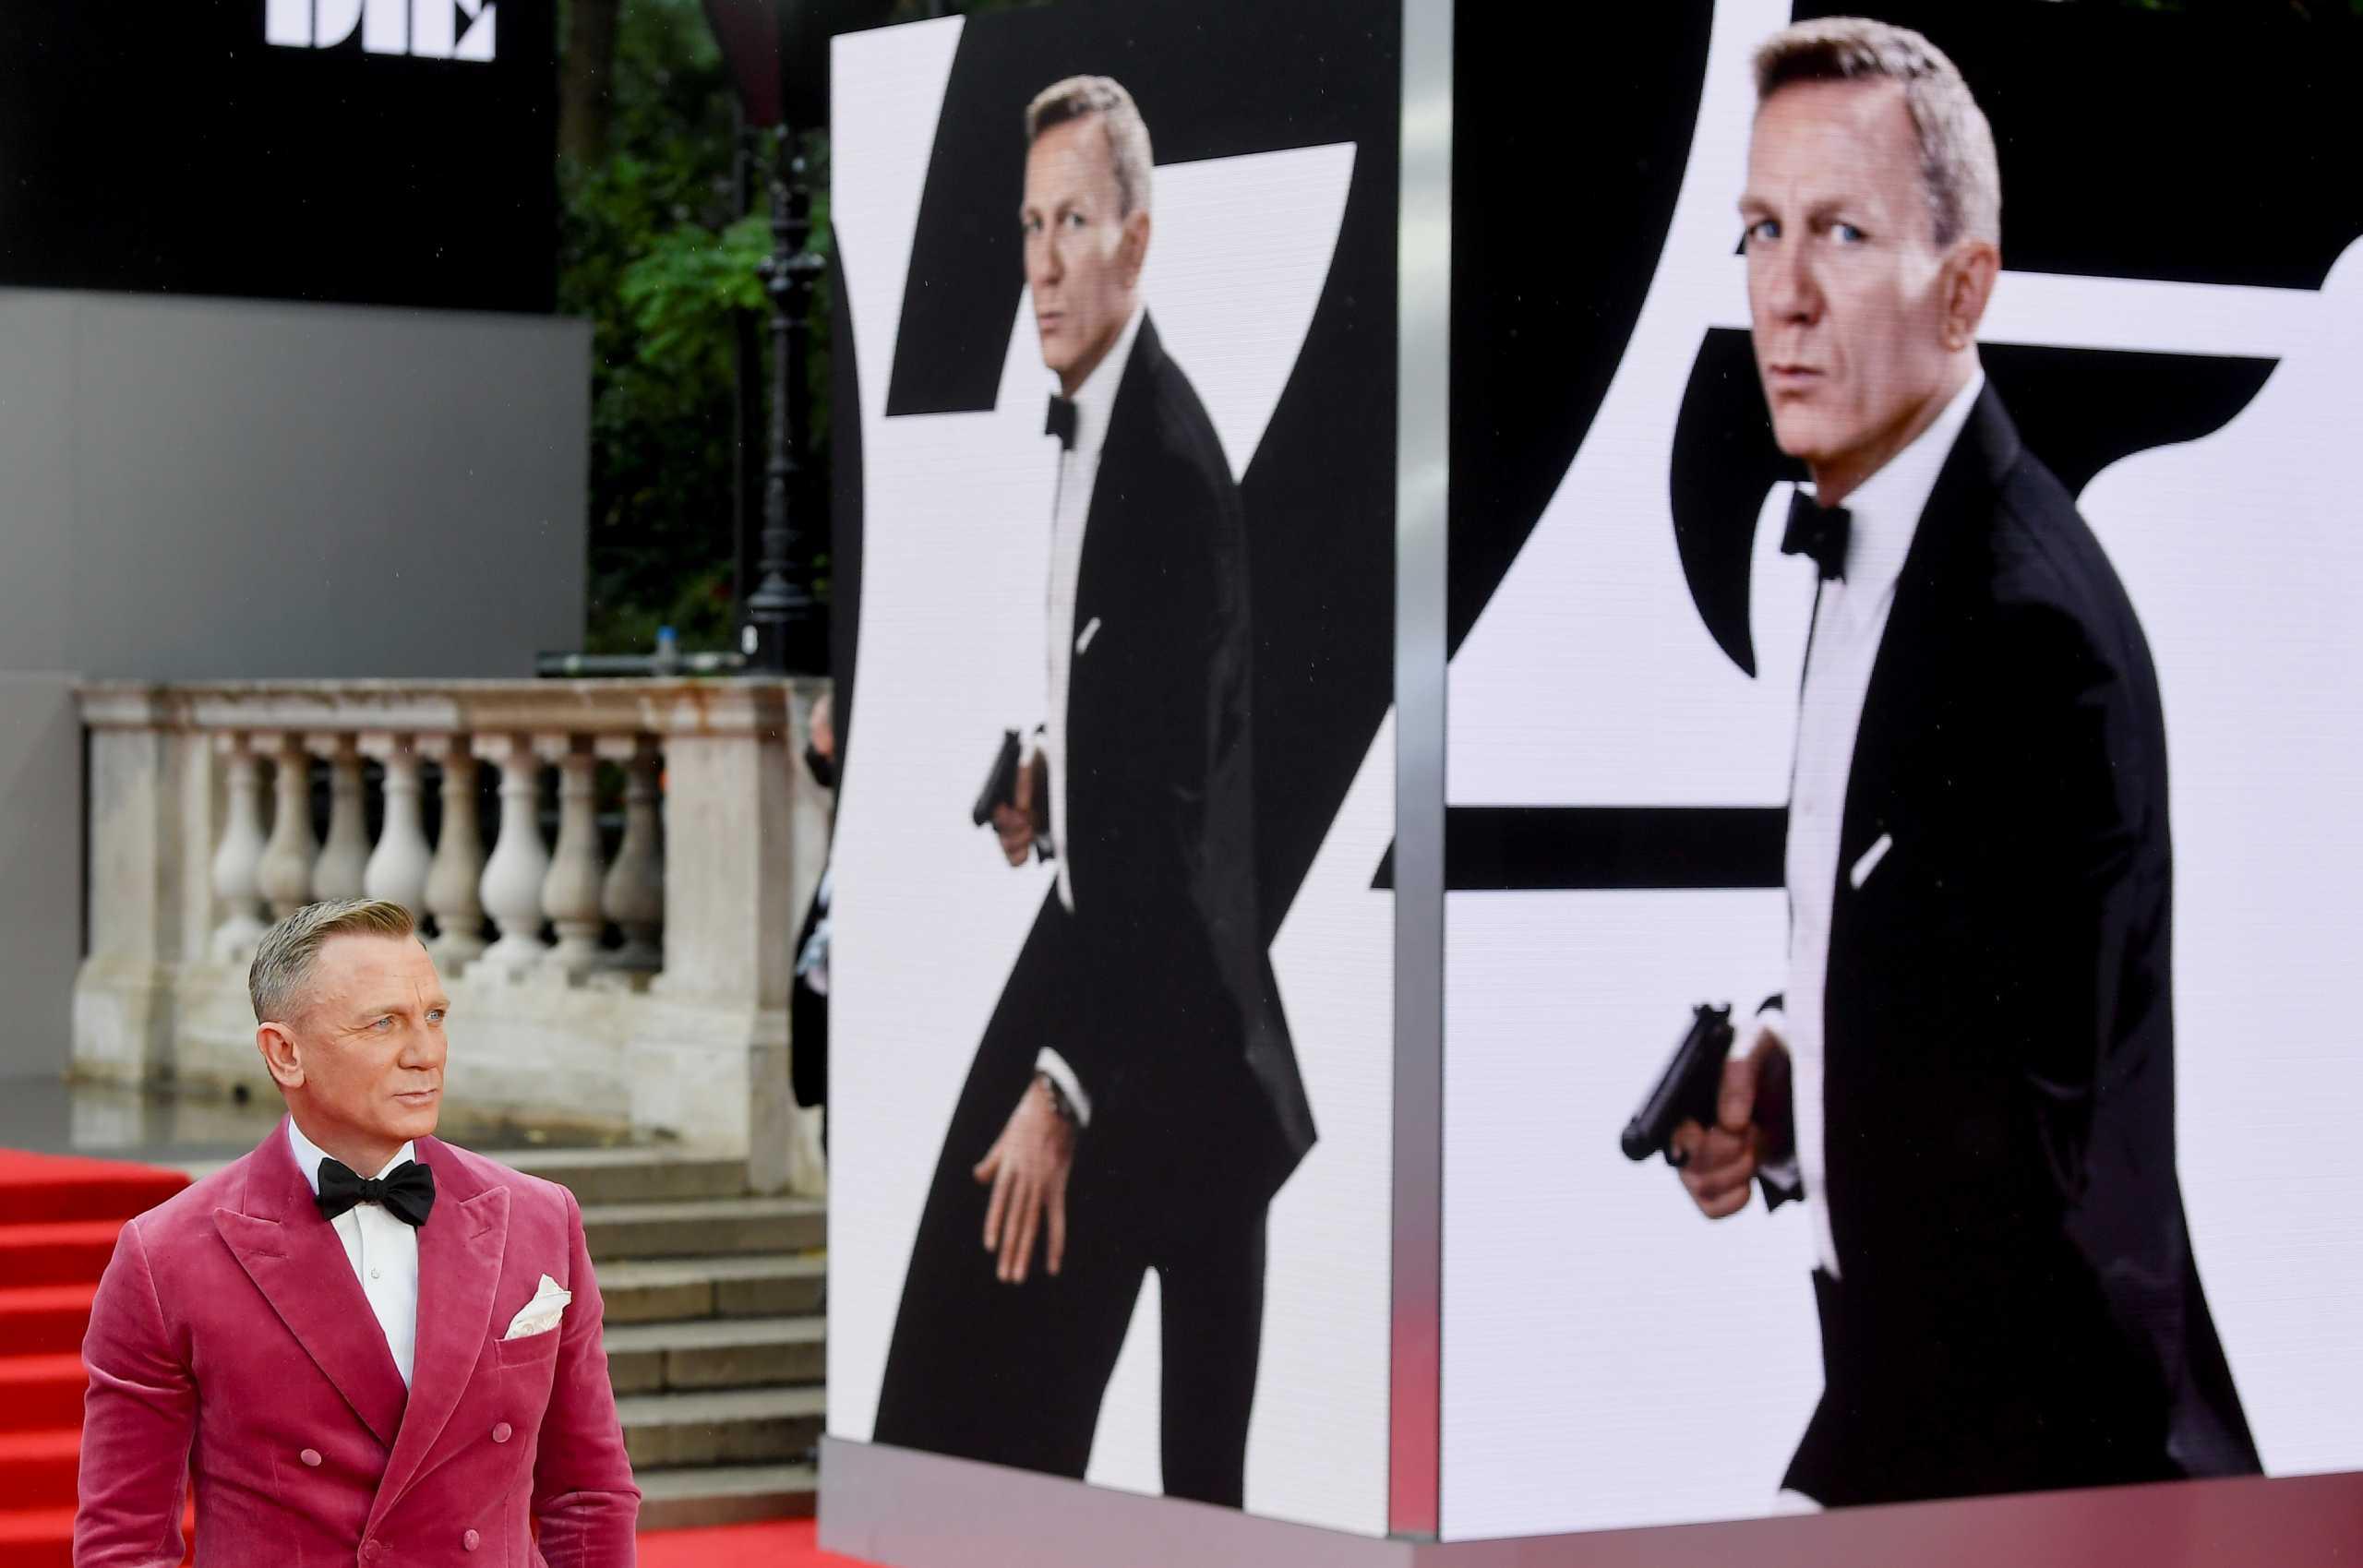 Ο Ντάνιελ Κρεγκ αποχαιρετά τον James Bond με μια επική εμφάνιση